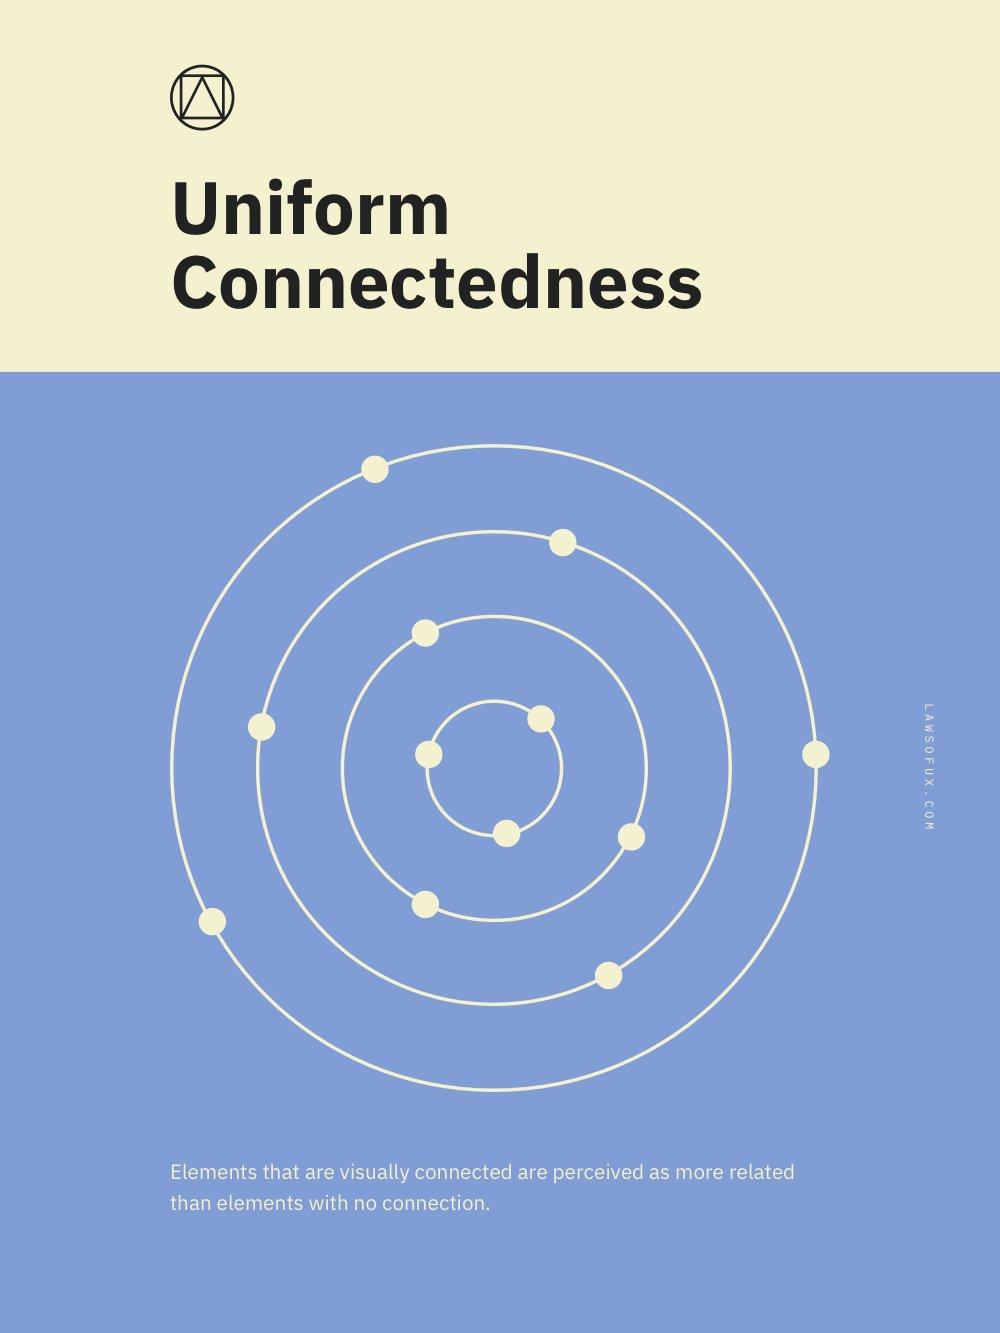 Uniform Connectedness Poster